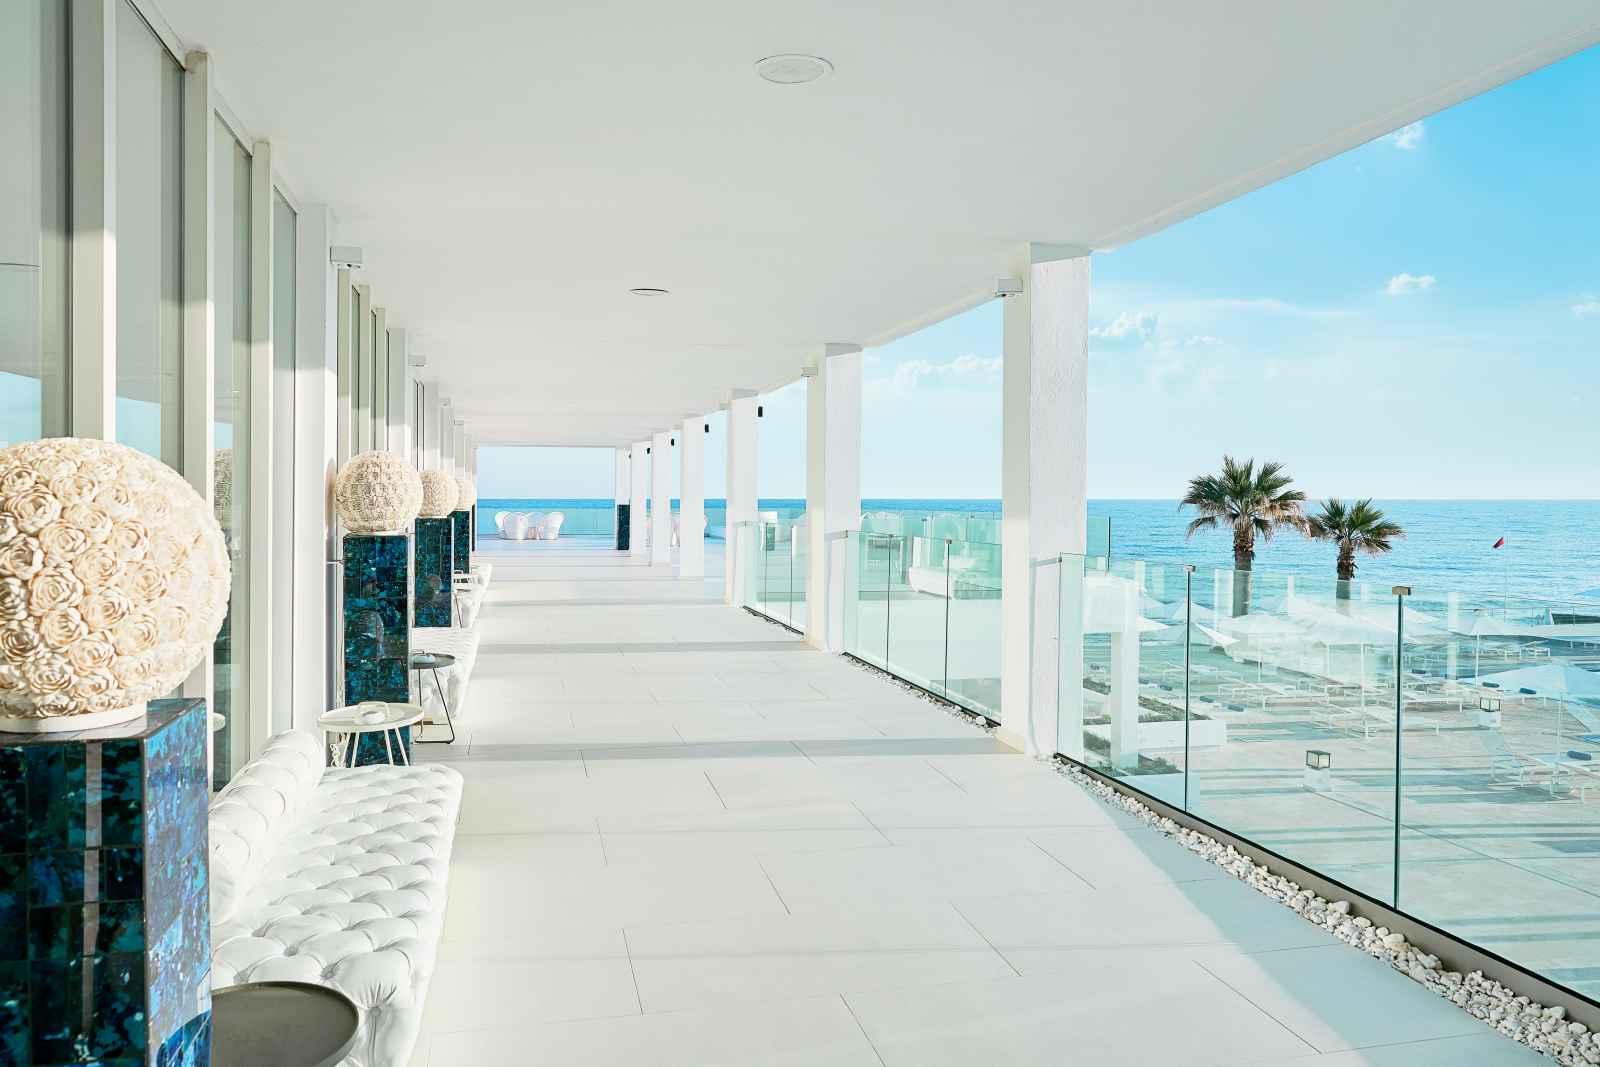 White Palace Grecotel Luxury Resort - 5*